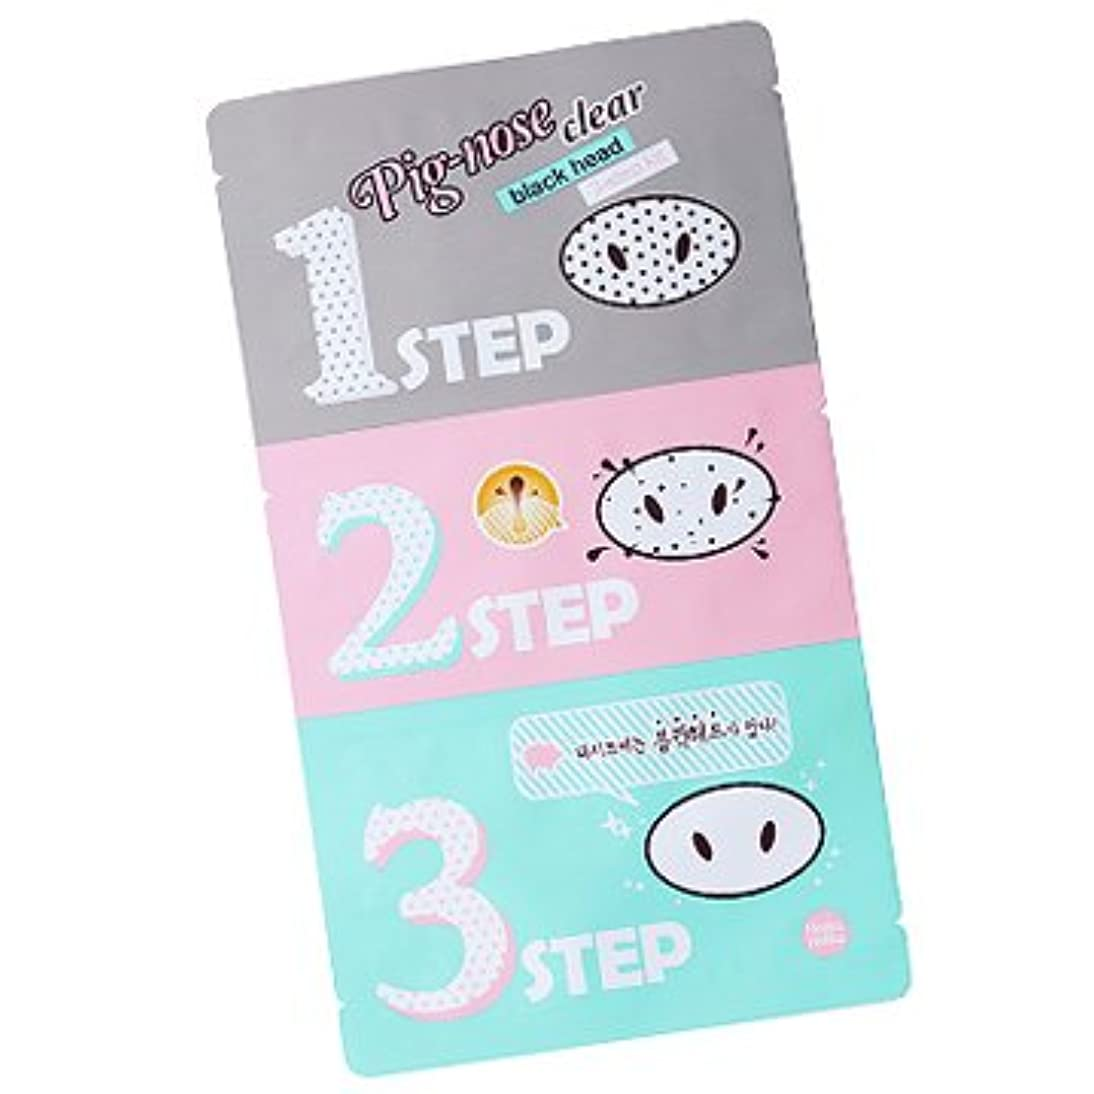 装備するブランク青Holika Holika Pig Nose Clear Black Head 3-Step Kit 3EA (Nose Pack) ホリカホリカ ピグノーズクリアブラックヘッド3-Stepキット(鼻パック) 3pcs...